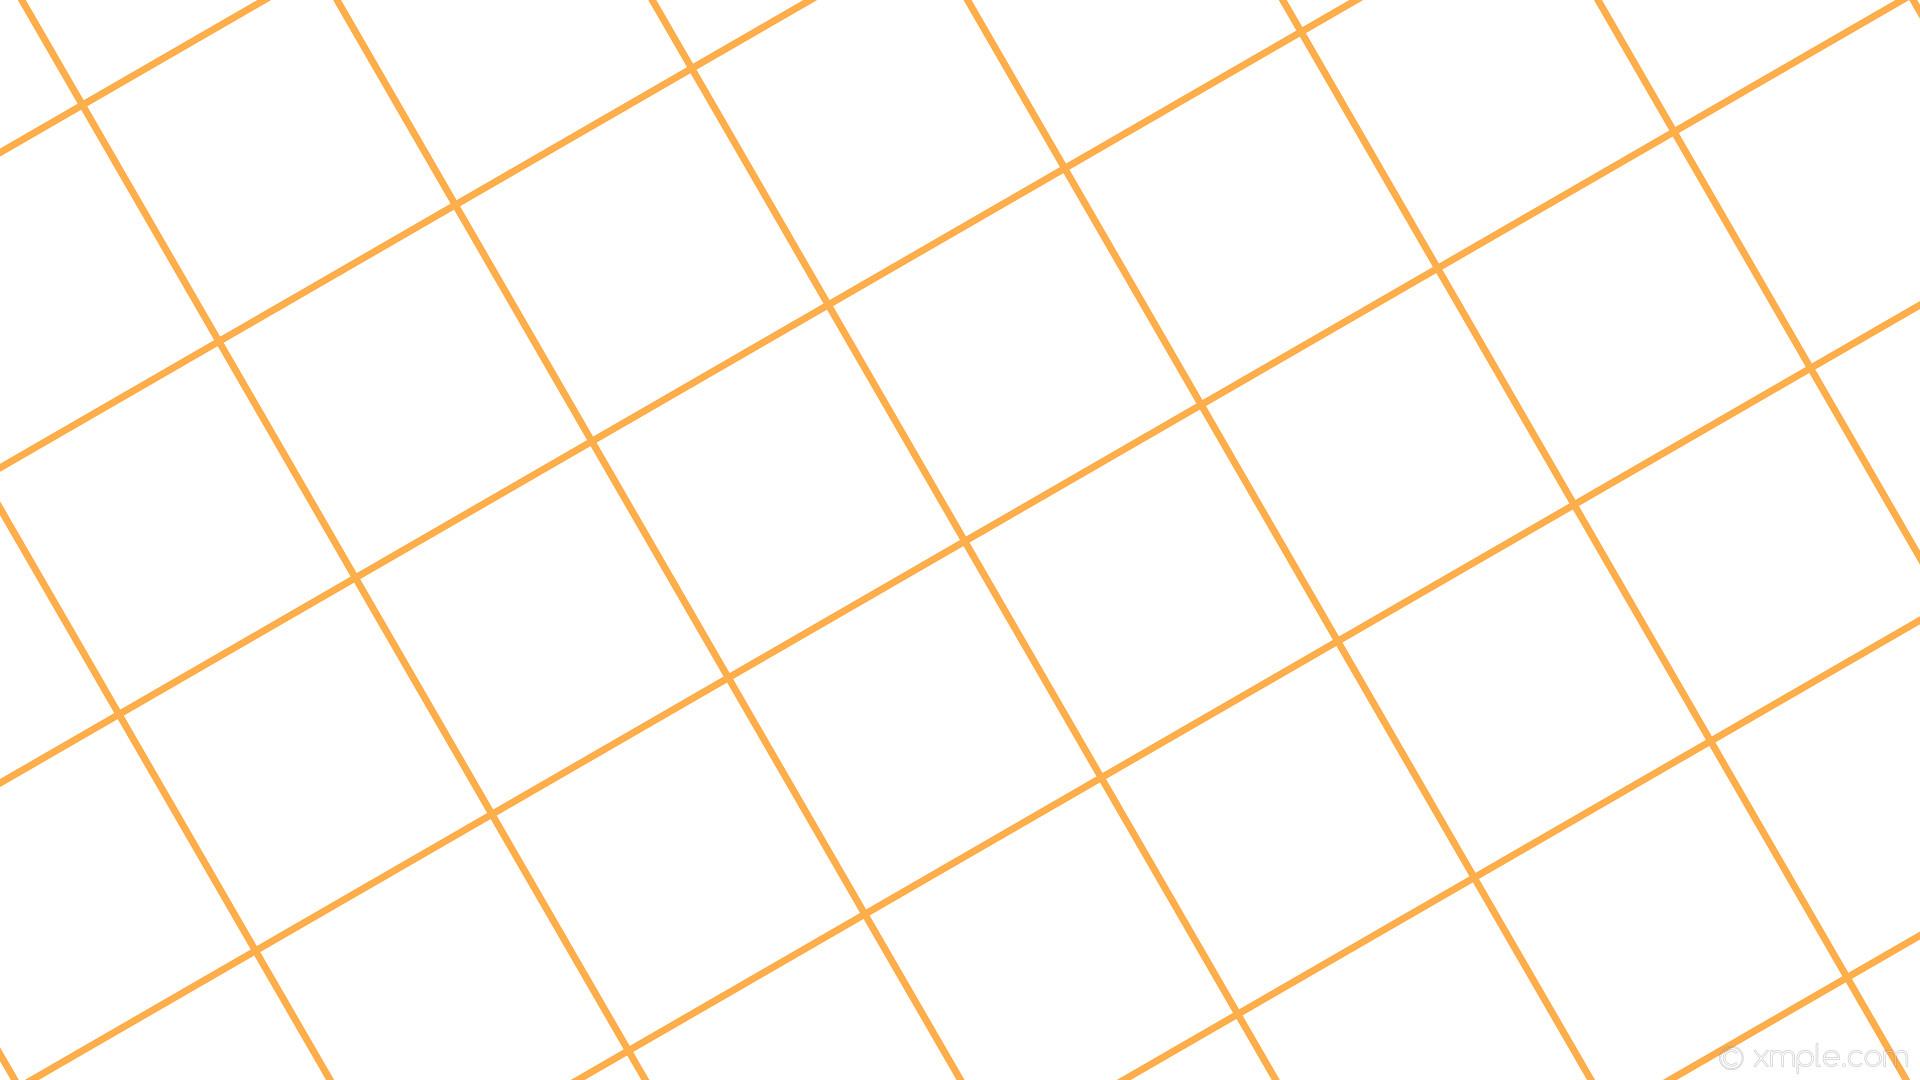 wallpaper graph paper orange white grid dark orange #ffffff #ff8c00 30° 7px  273px